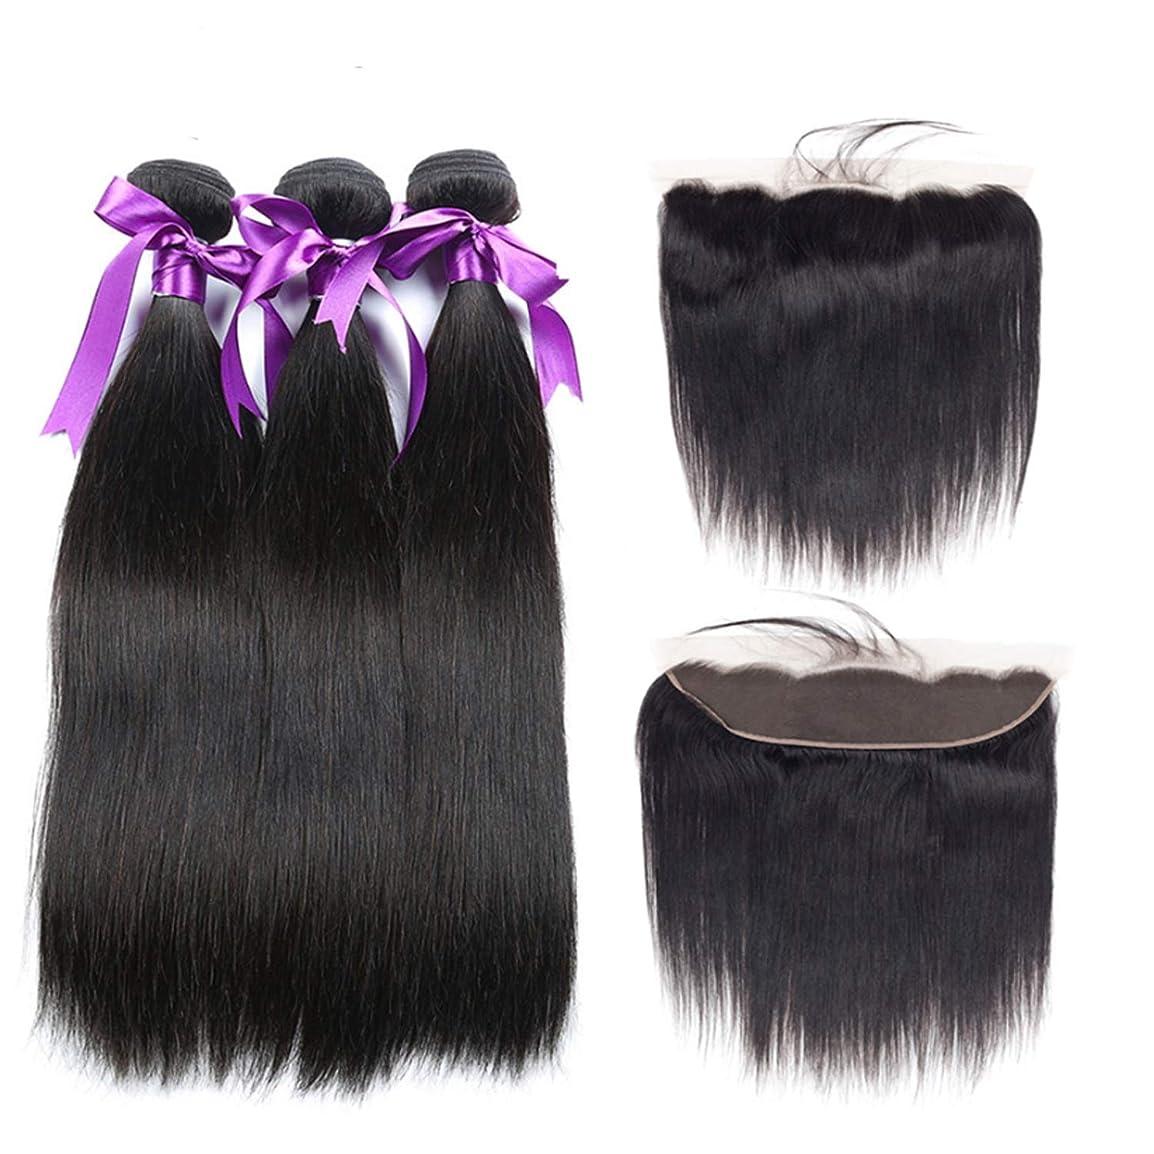 王室時系列カップルマレーシアストレートヘア3バンドル13 * 4レース前頭閉鎖髪織りバンドル非レミー人間の髪の毛の拡張子 (Length : 26 26 26Cl20)